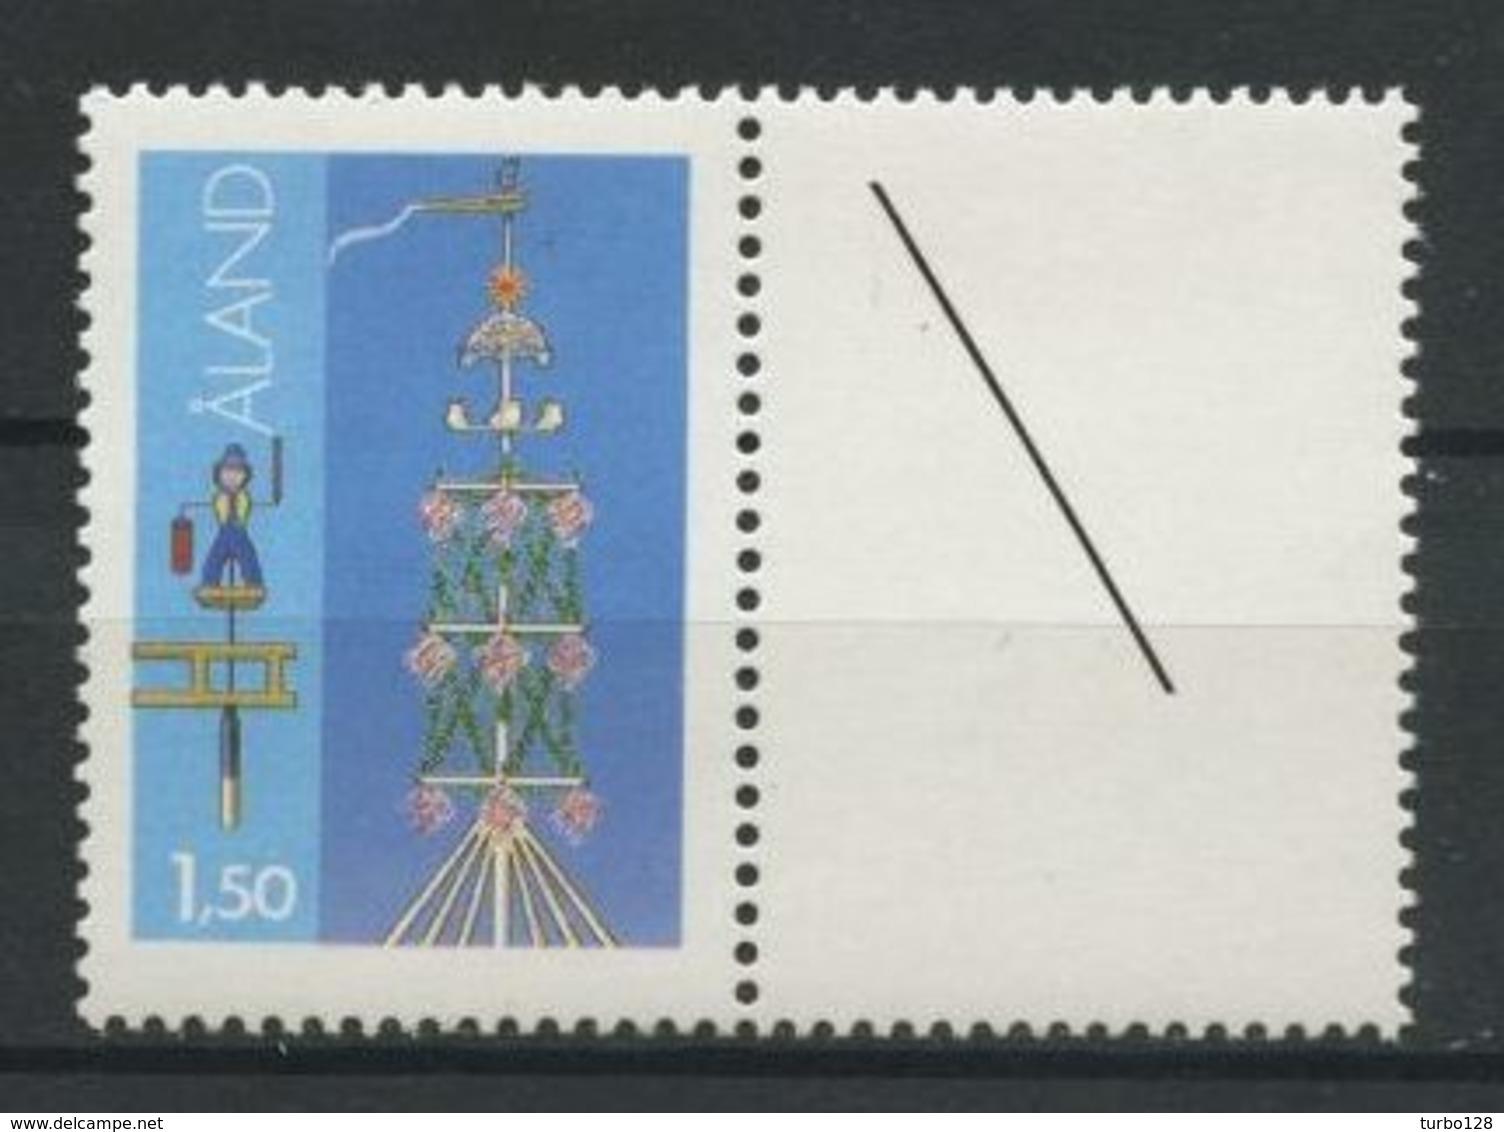 ALAND 1985  N° 10 ** Neuf MNH Superbe C 1.50 €  Les Mâts De La Saint Jean Storby Girouette Homme épée Folklore - Aland